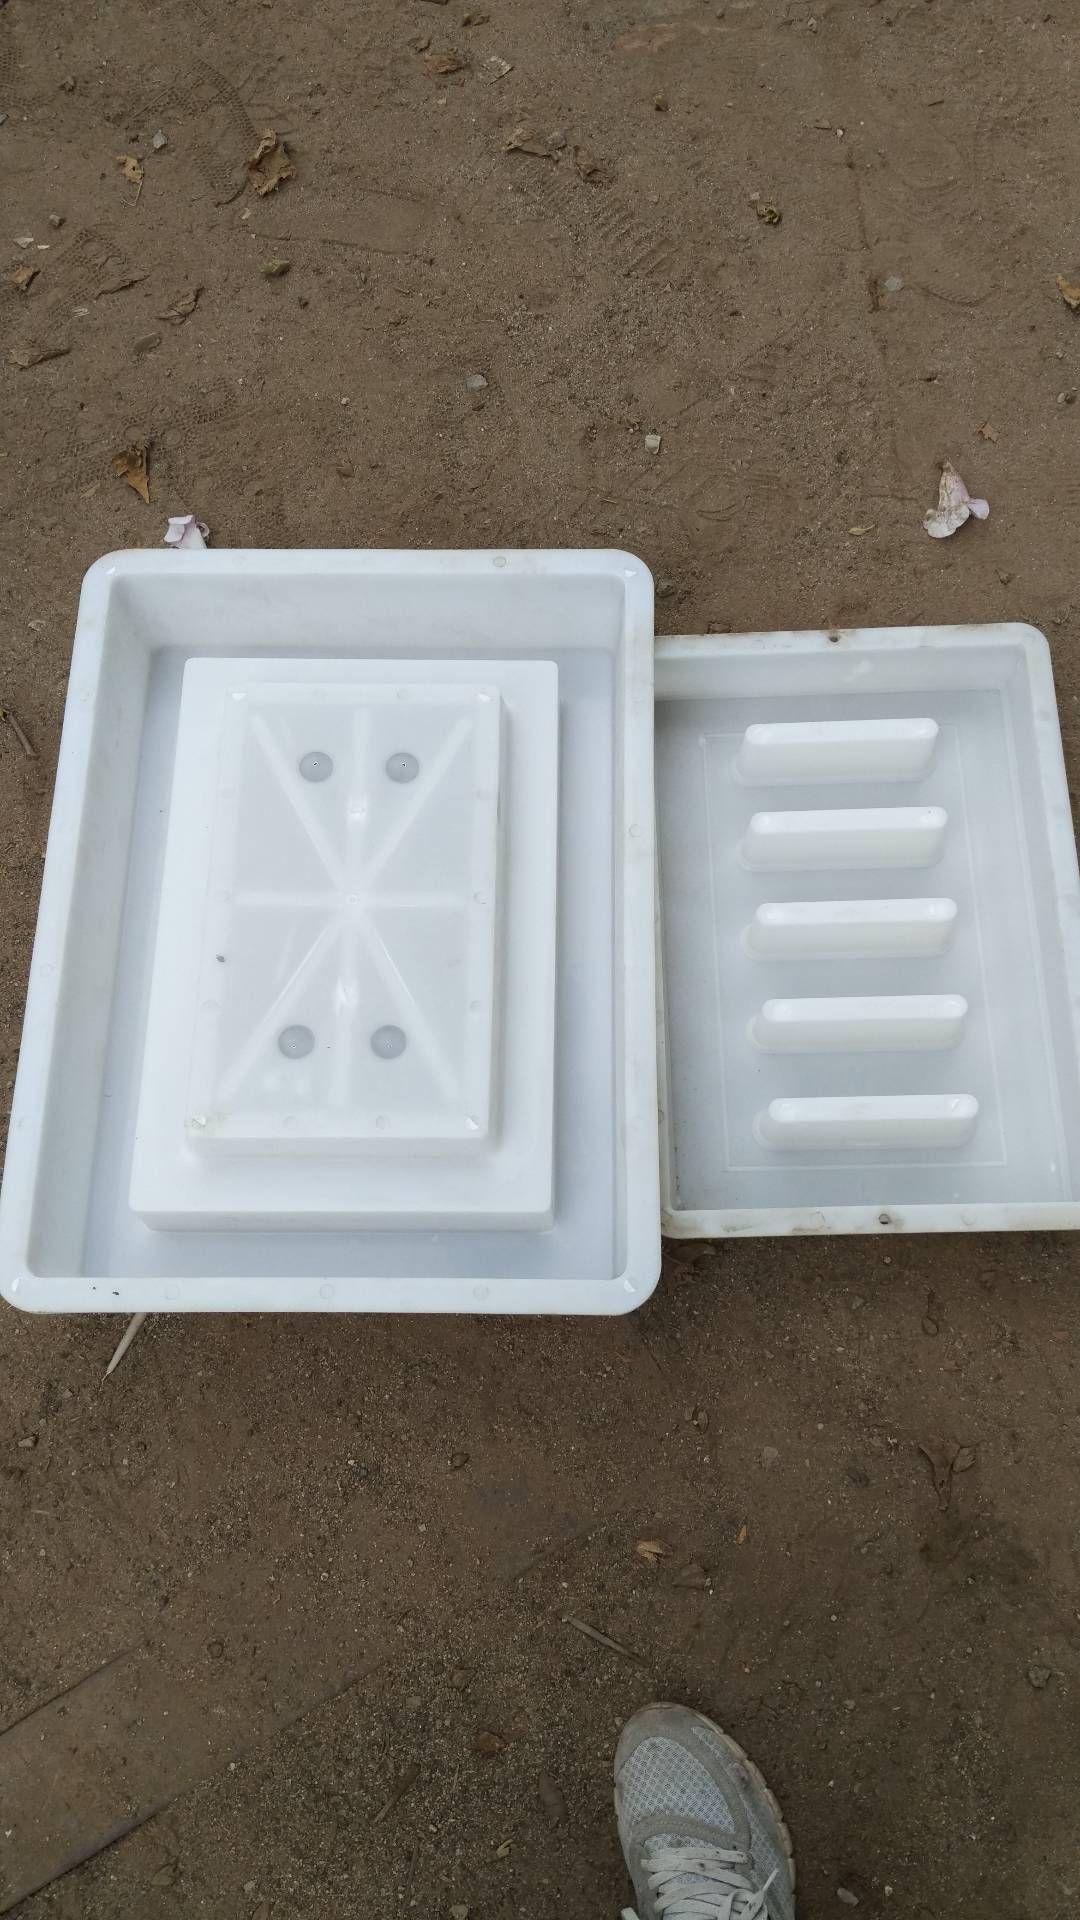 井盖塑料模具-水泥井盖钢模具-防盗井盖模具